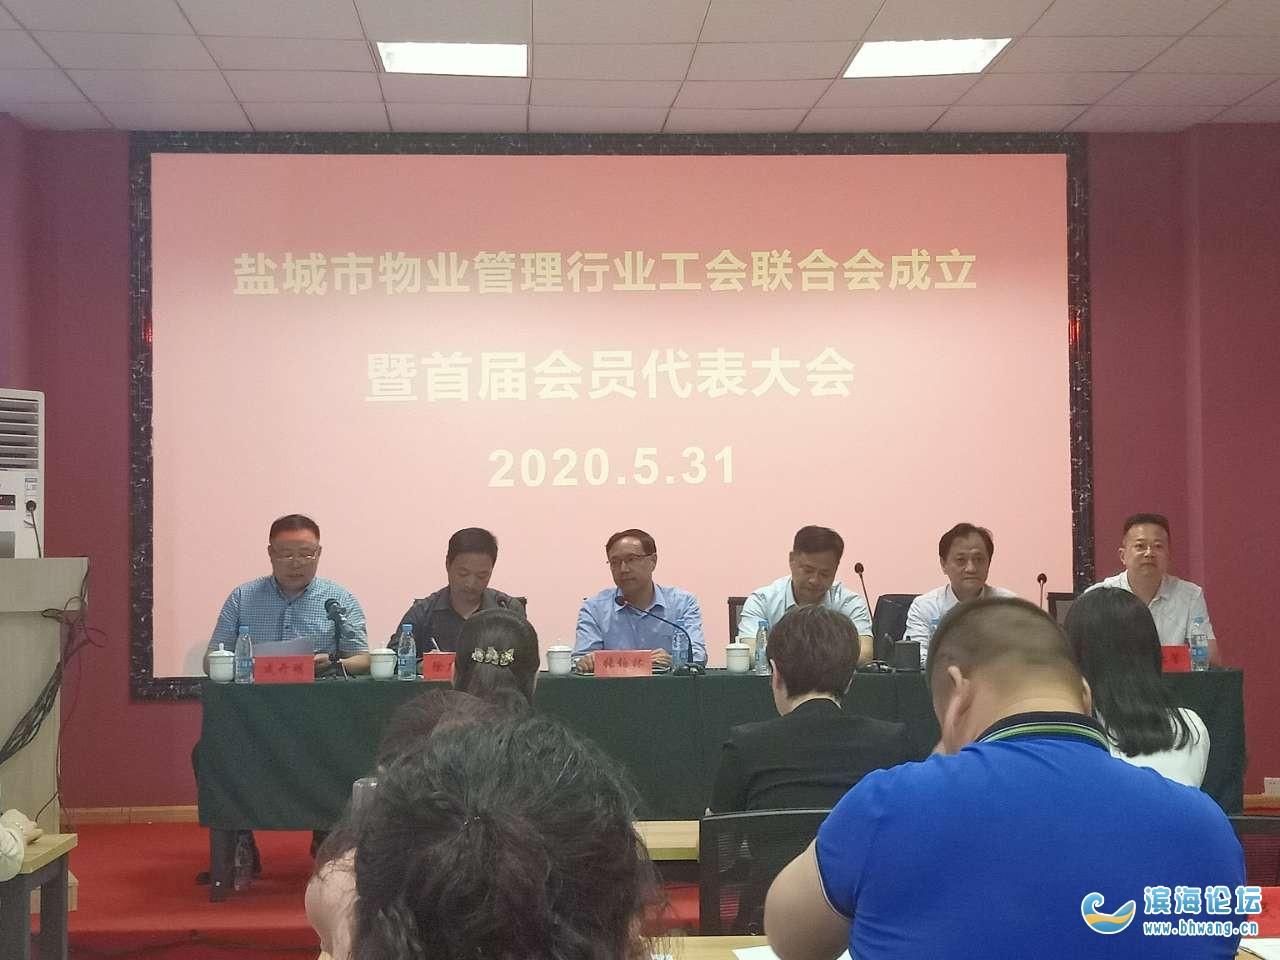 市物業管理行業工會聯合會成立暨首屆會員代表大會在鹽召開